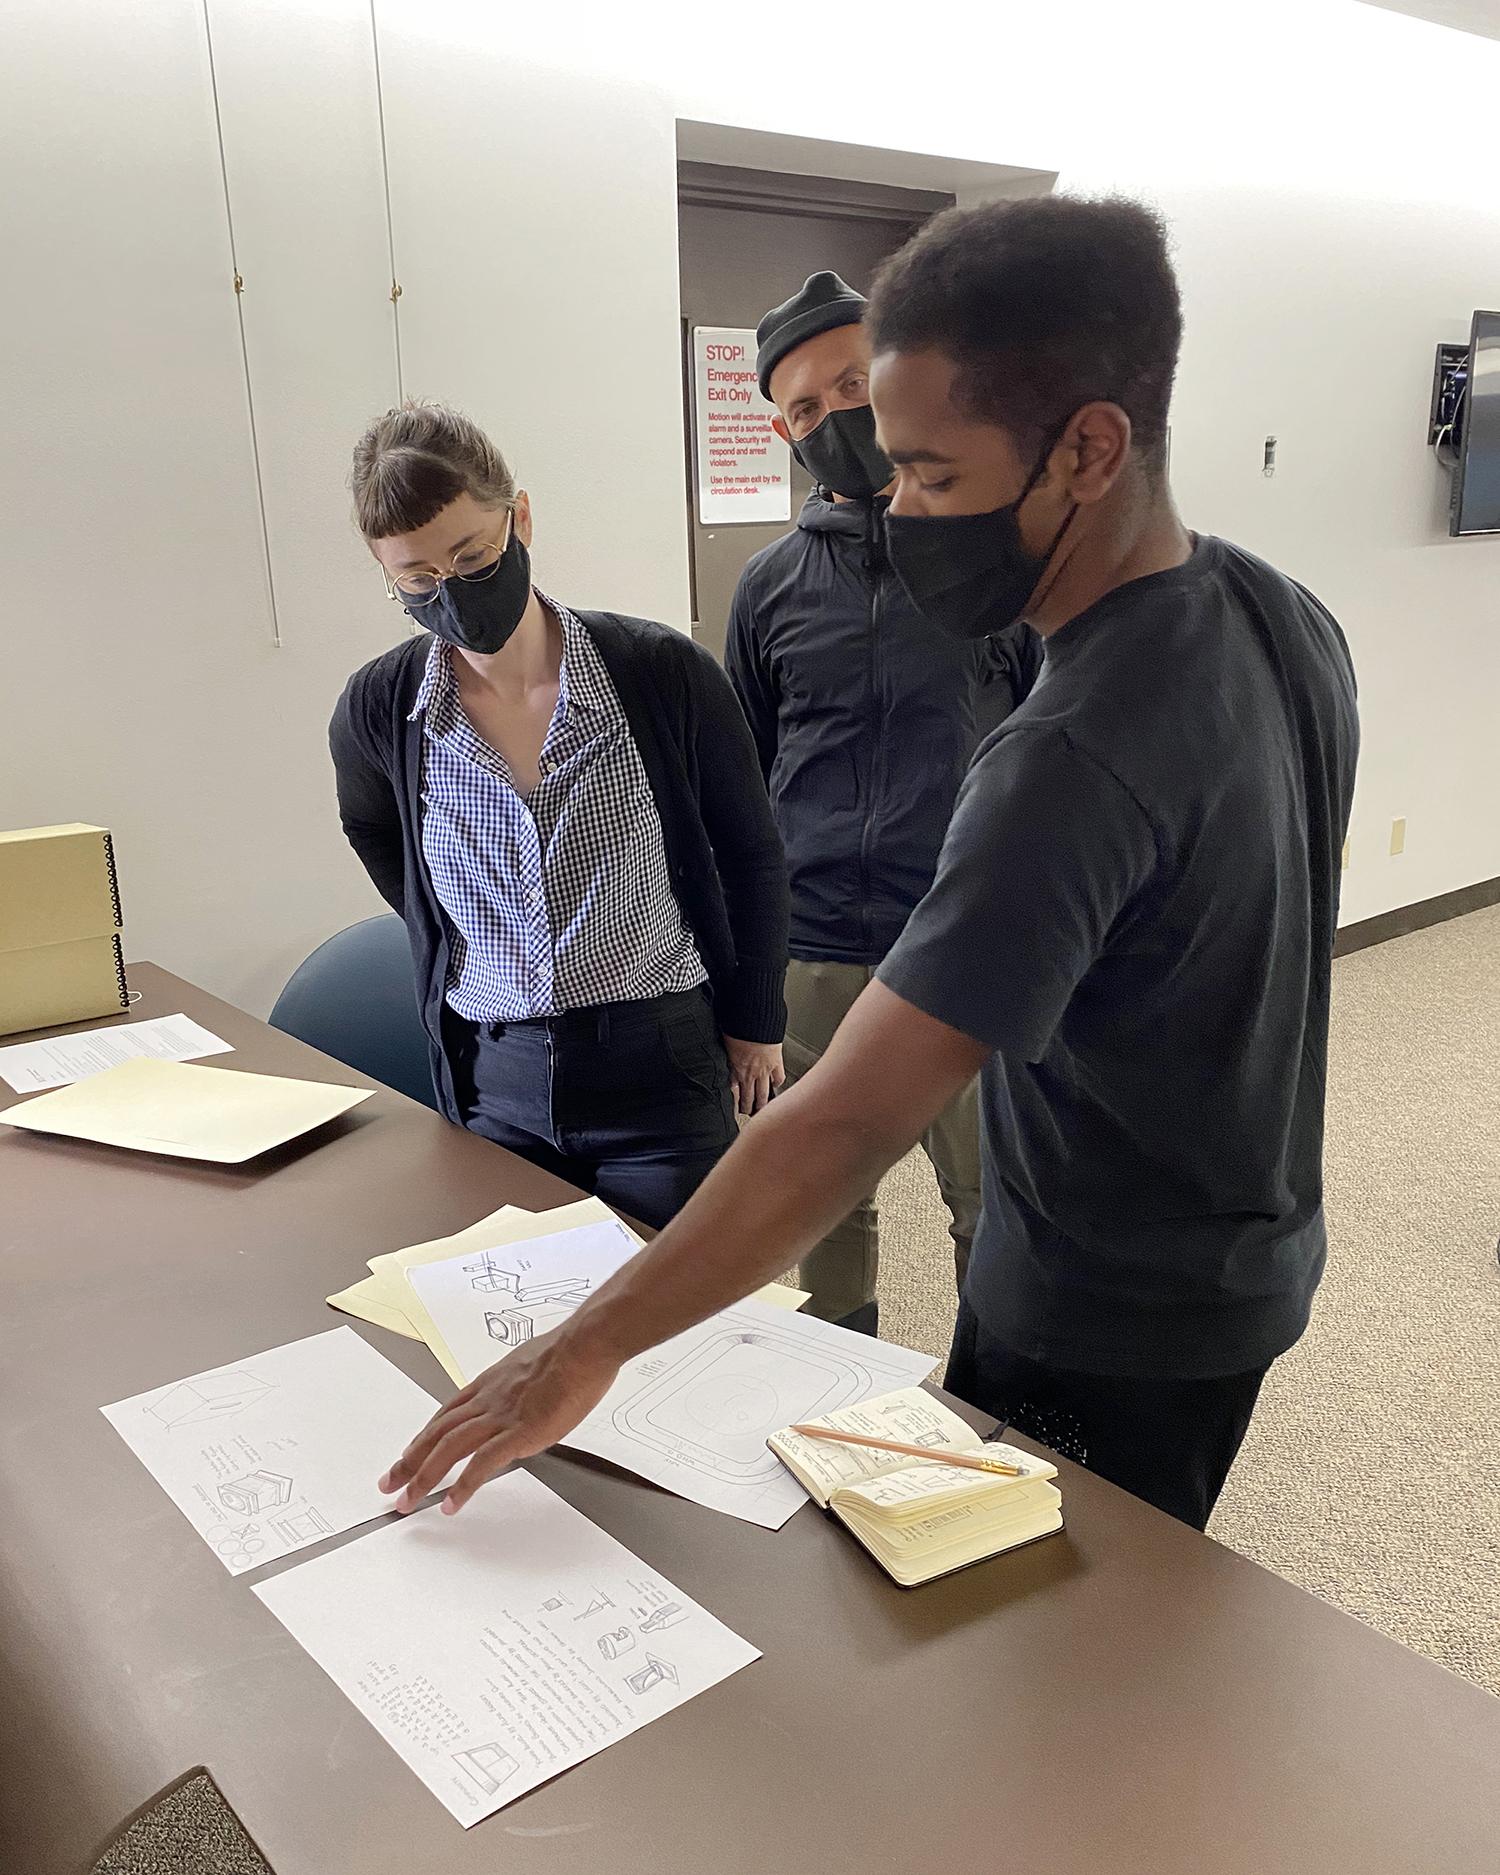 Tiree Walker talks through process sketches with Ella von Holtum and Josh Owen.